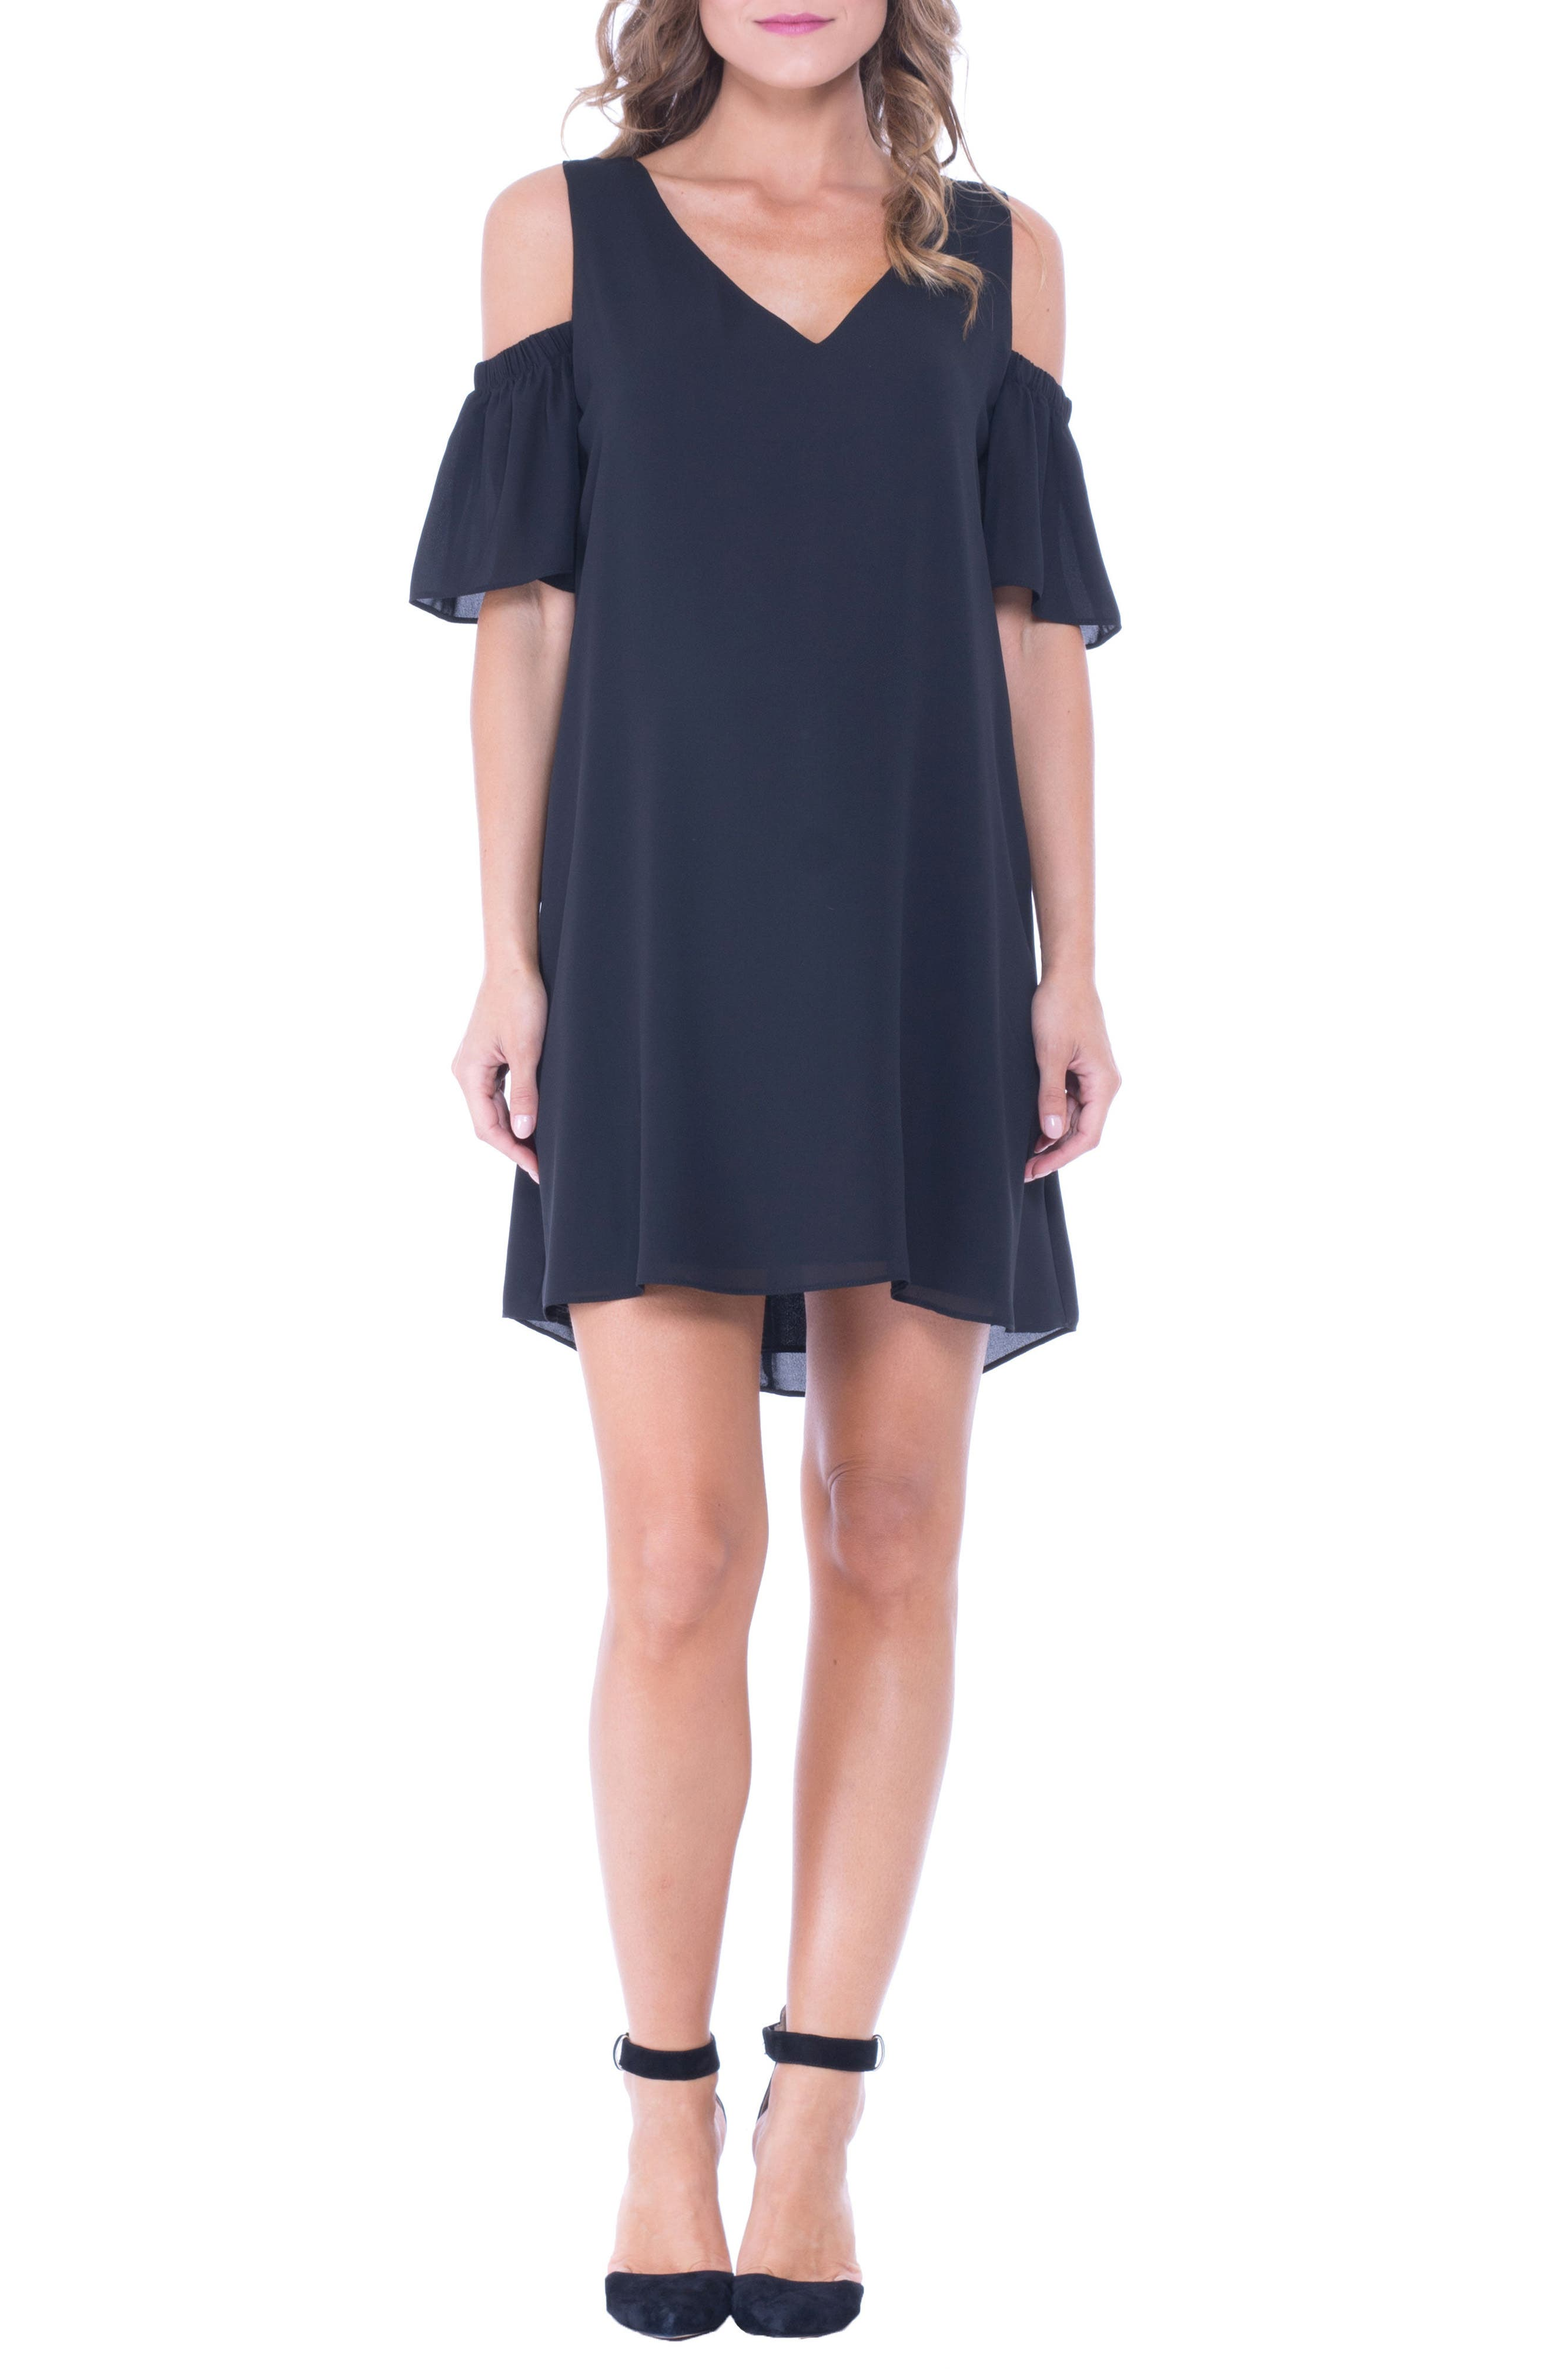 Alternate Image 1 Selected - Olian Juliette Cold Shoulder Maternity Dress